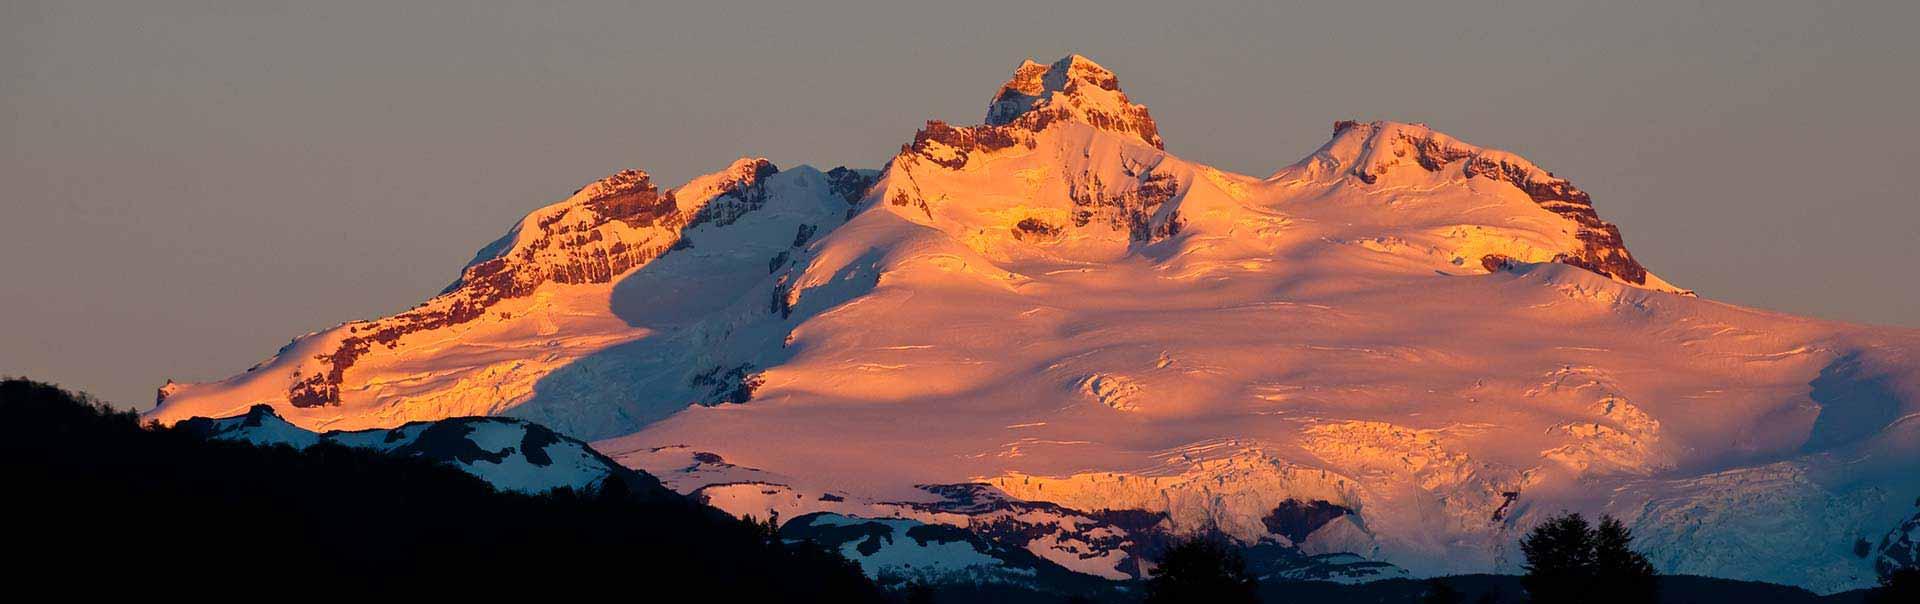 Patagonia nature